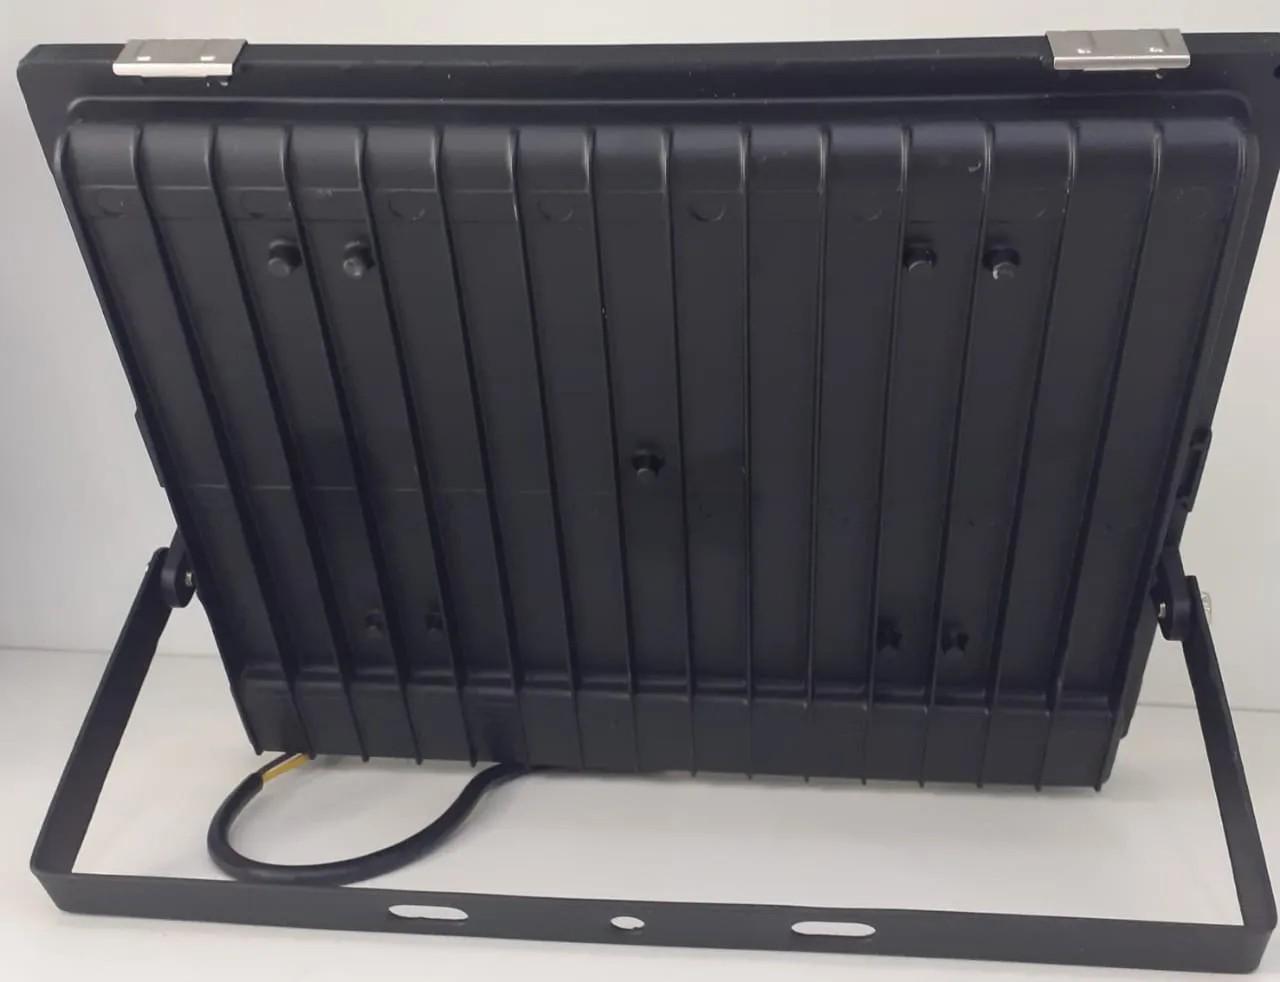 kit 25 Refletores de Led holofote 200w Cob 6500k SMD Branco frio